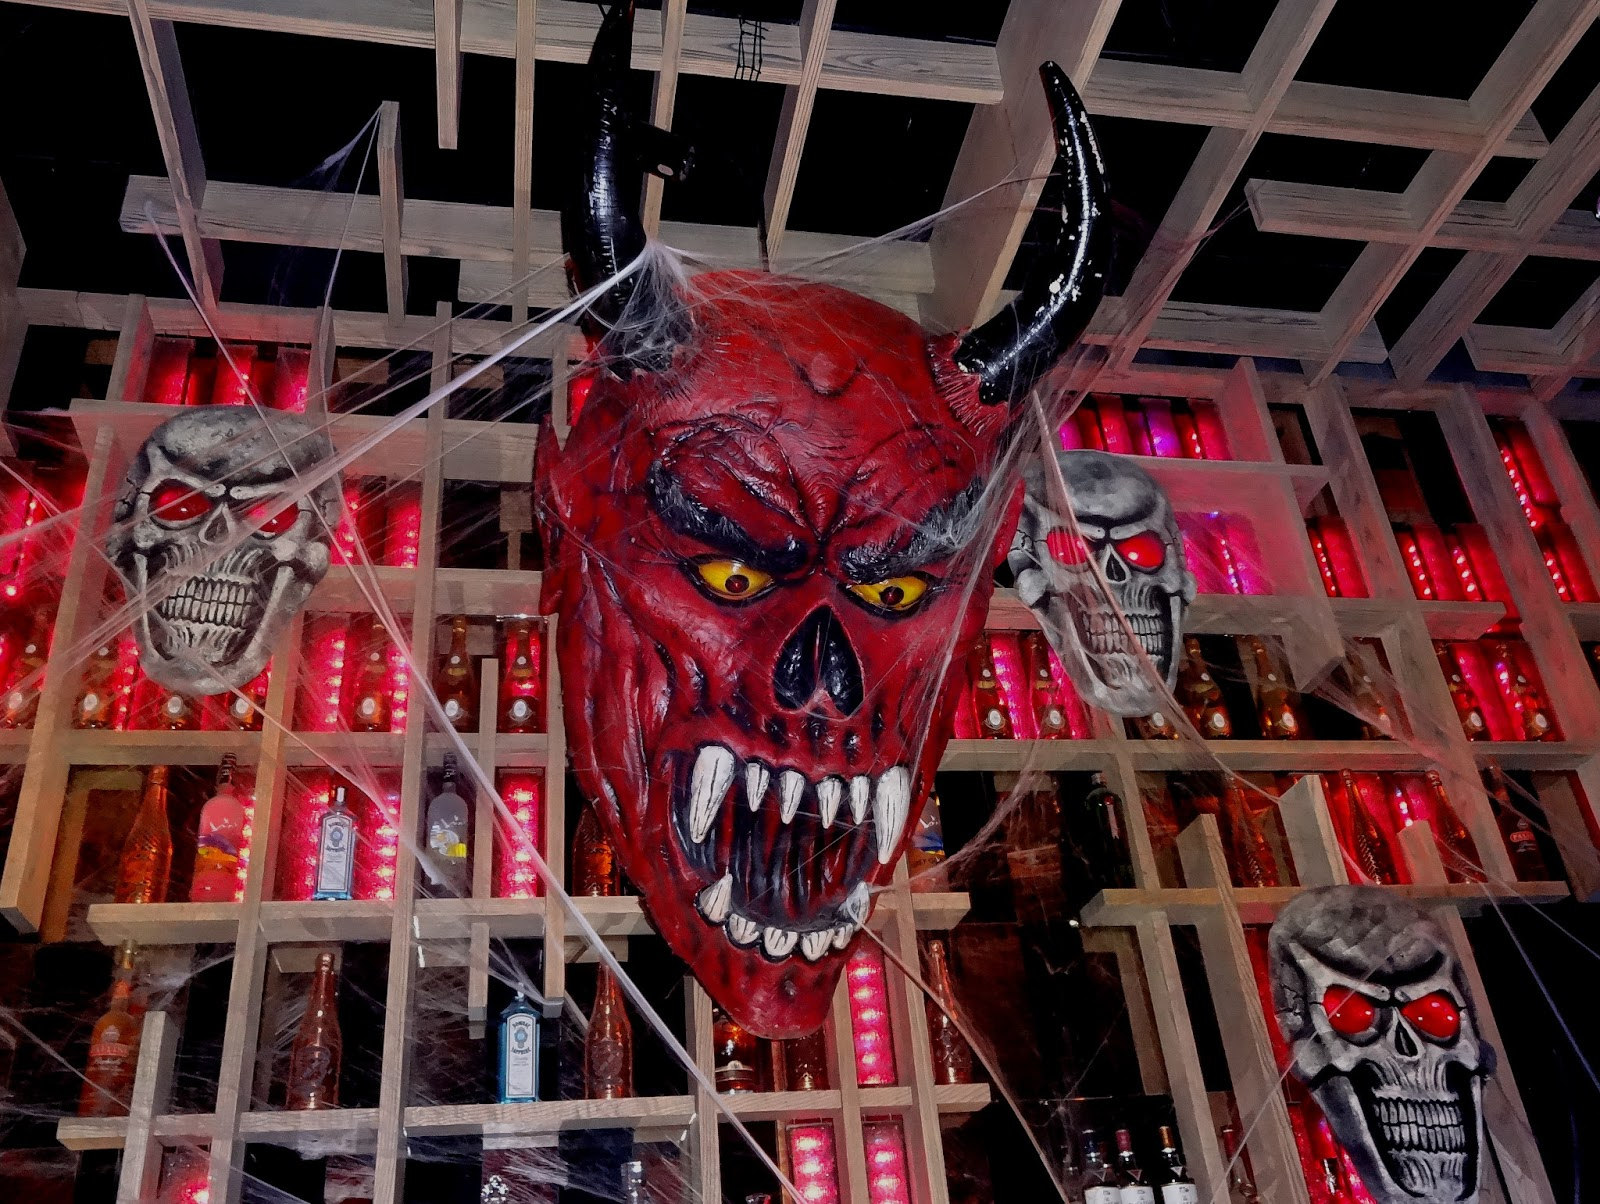 3730 las vegas - 3730 Las Vegas Boulevard Las Vegas Nv 89158 Web Site Arialasvegas Com Reviews Vegas Com Yelp